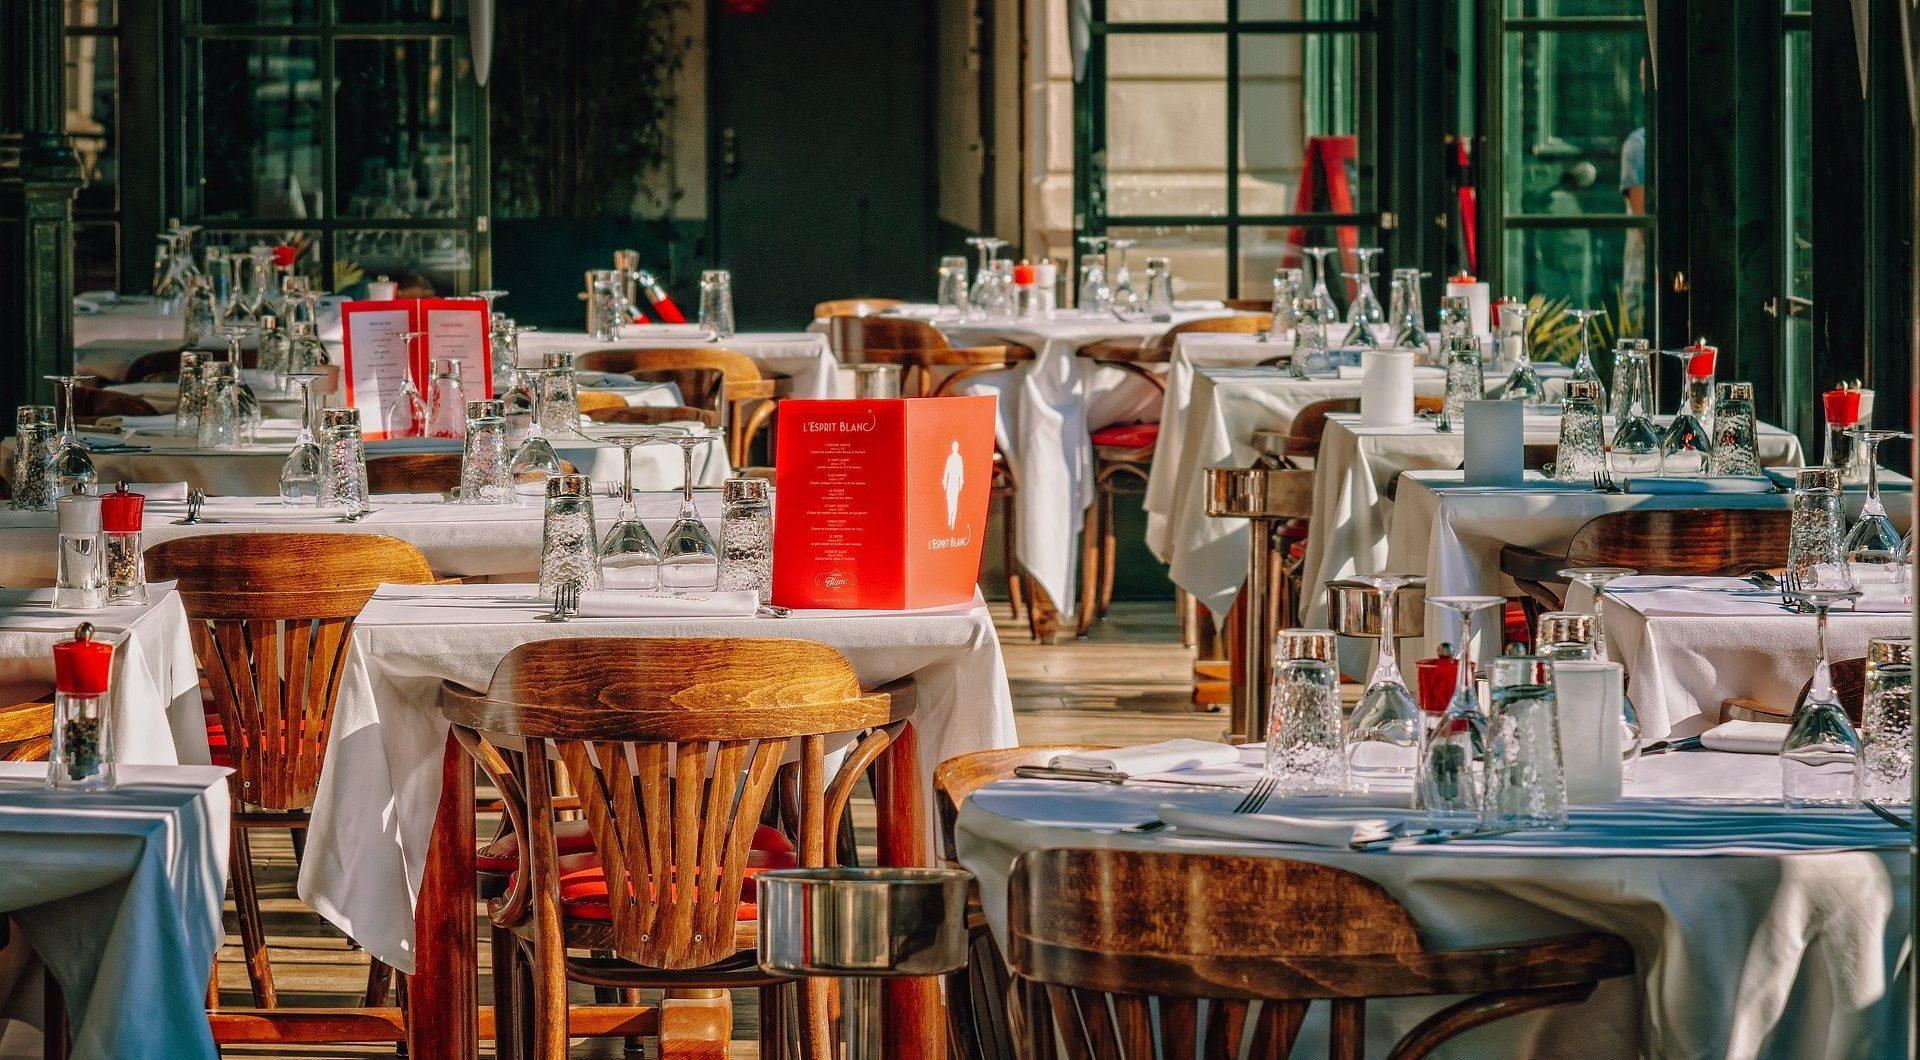 Sólo 1 de cada 20 restaurantes estaba listo para el envío a domicilio: Canirac